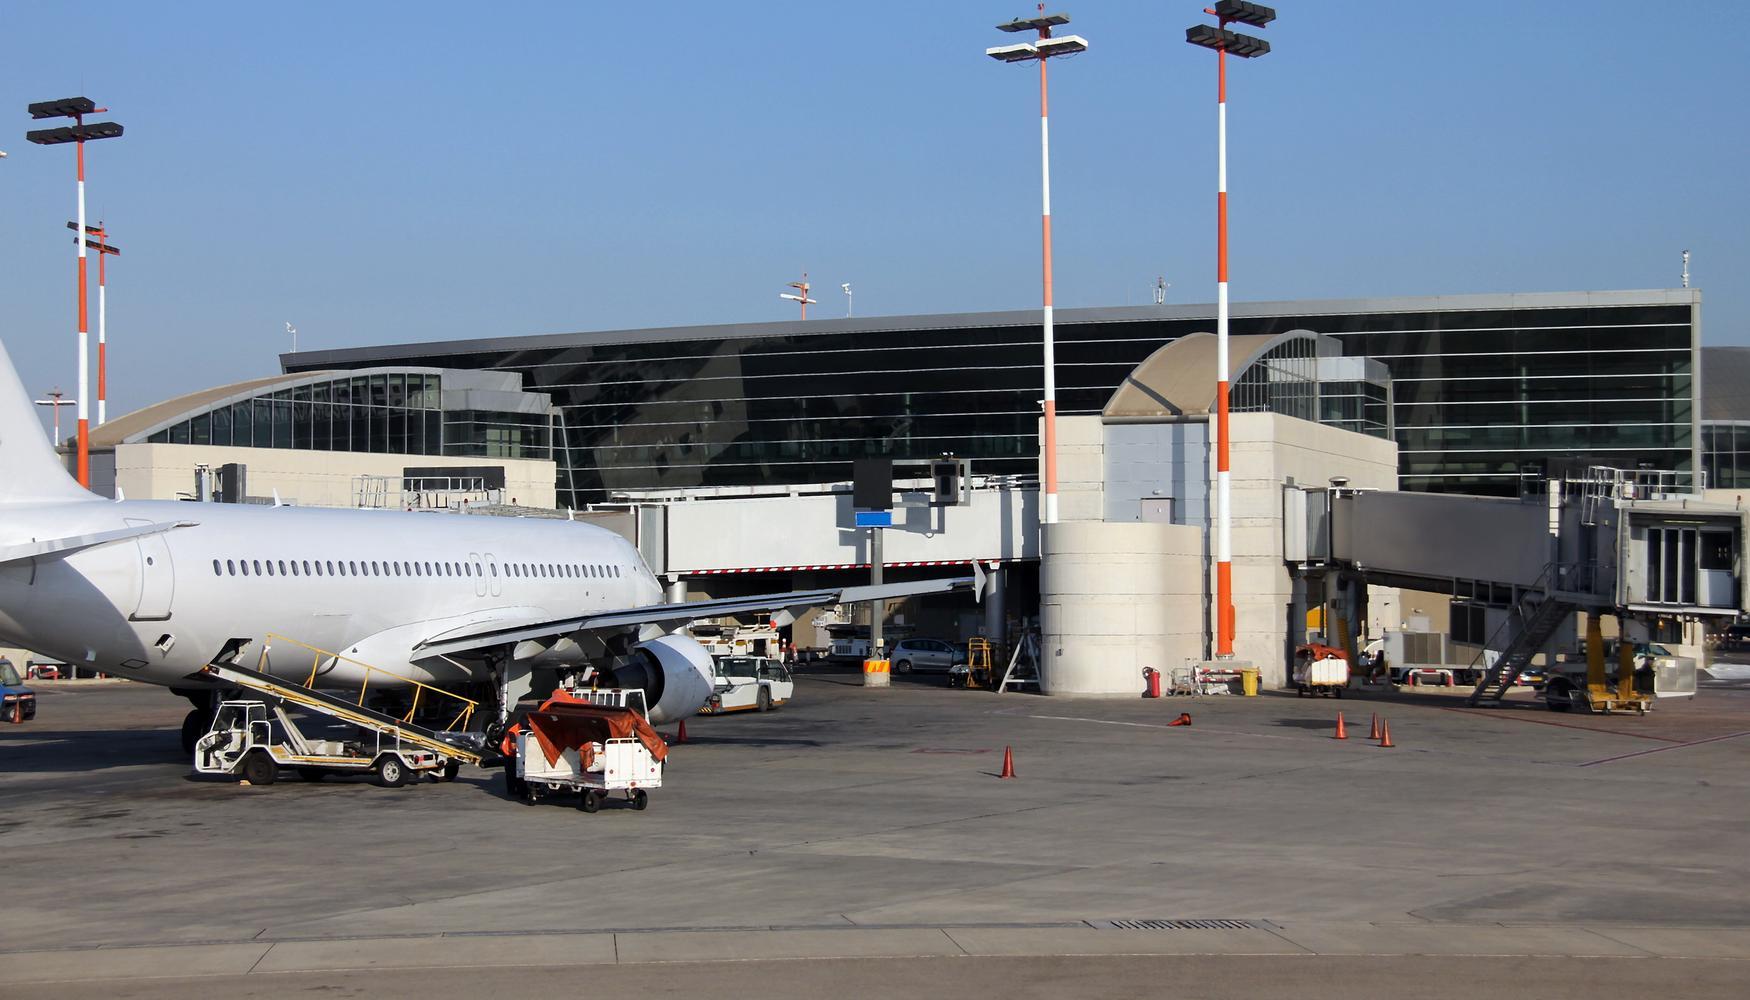 รถเช่าที่ สนามบิน เทลอาวี Ben Gurion Intl